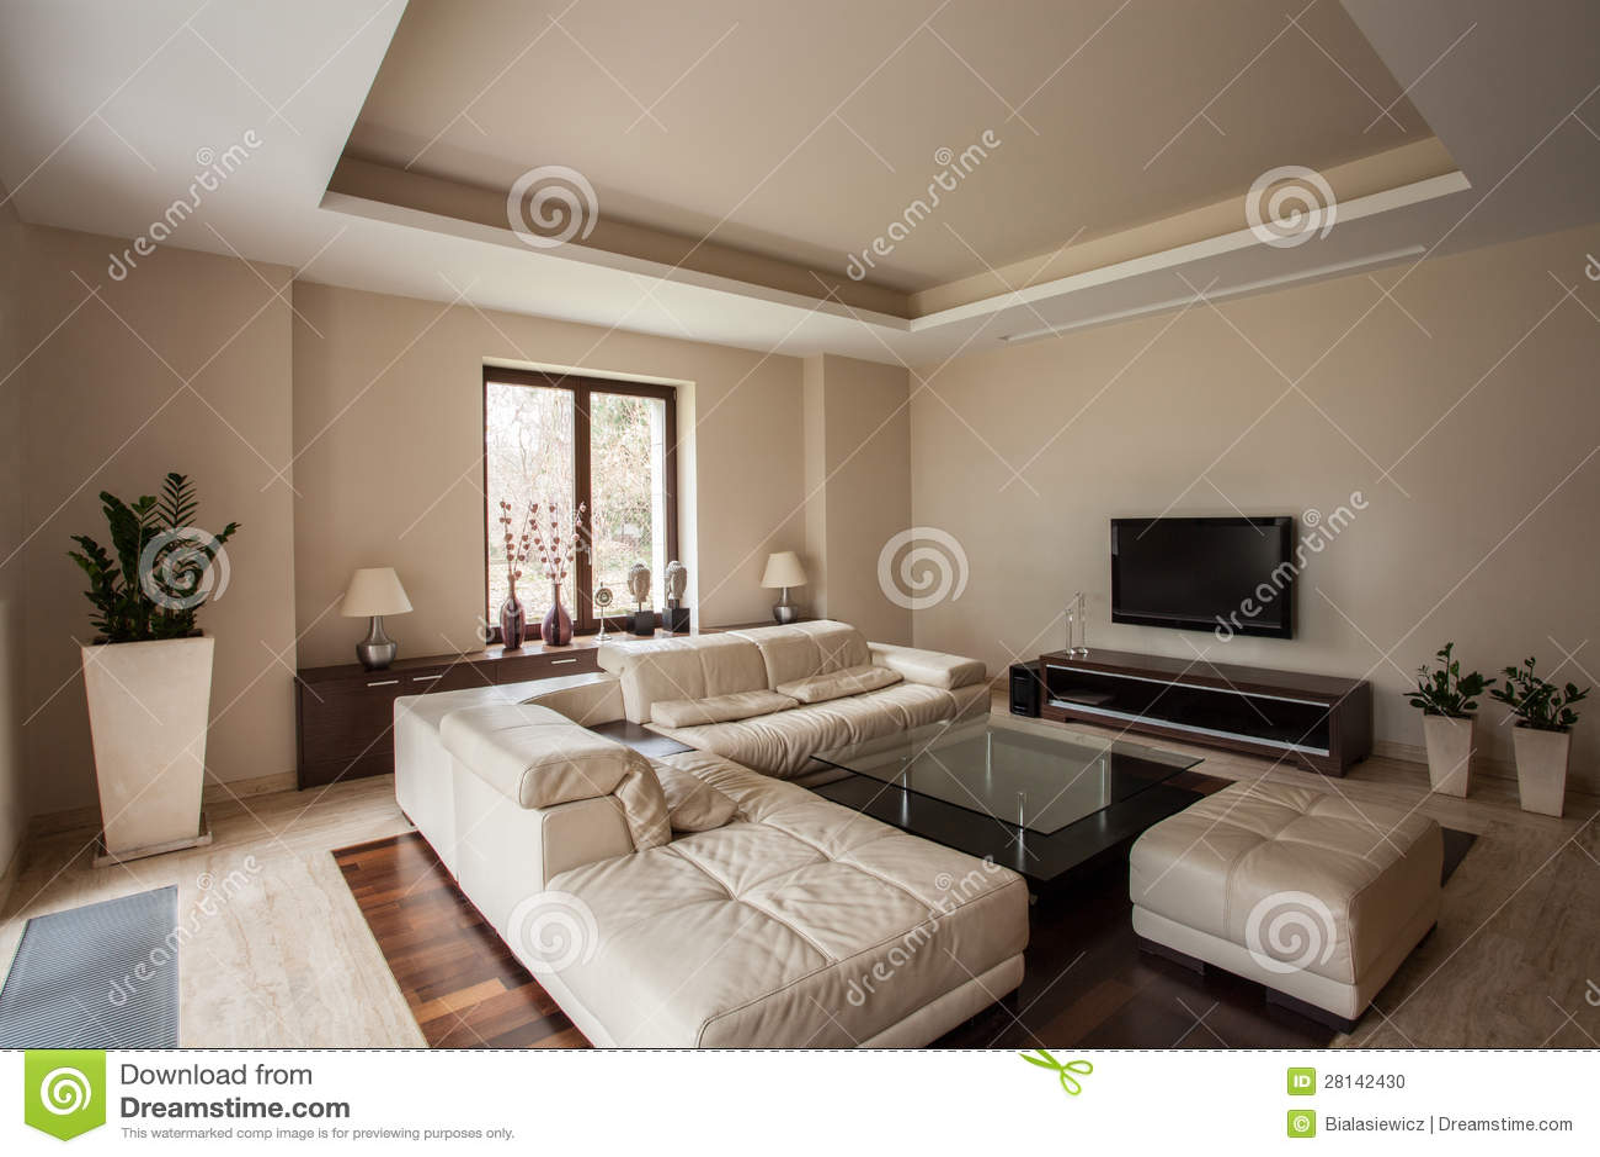 Decoratie woonkamer modern. gallery of woonkamer cottage stijl